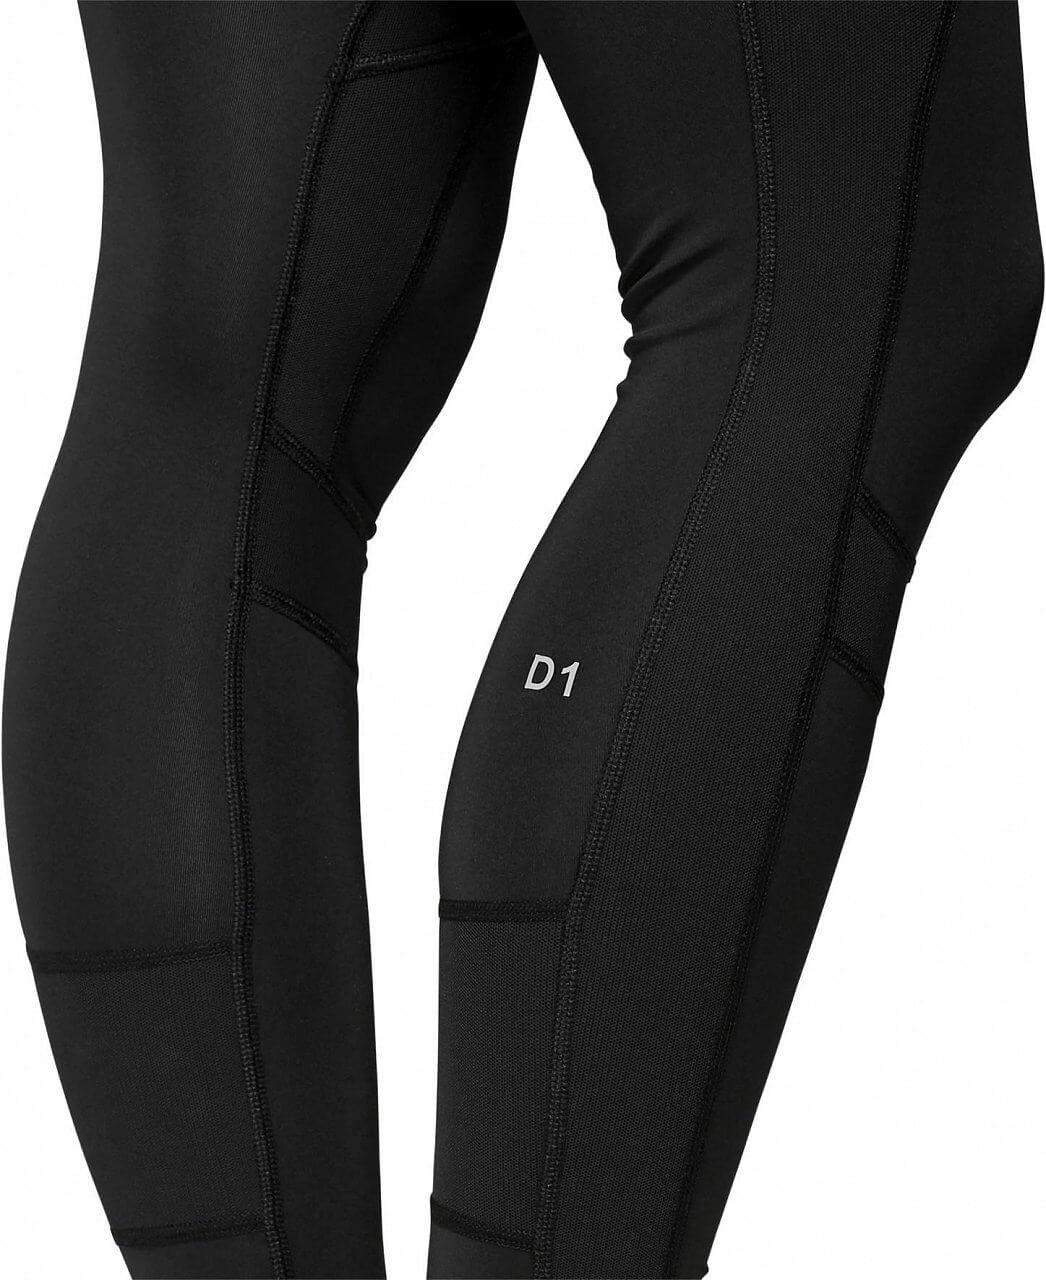 858e92deb405f Asics Leg Balance Tight 2 - dámske nohavice | Sanasport.sk